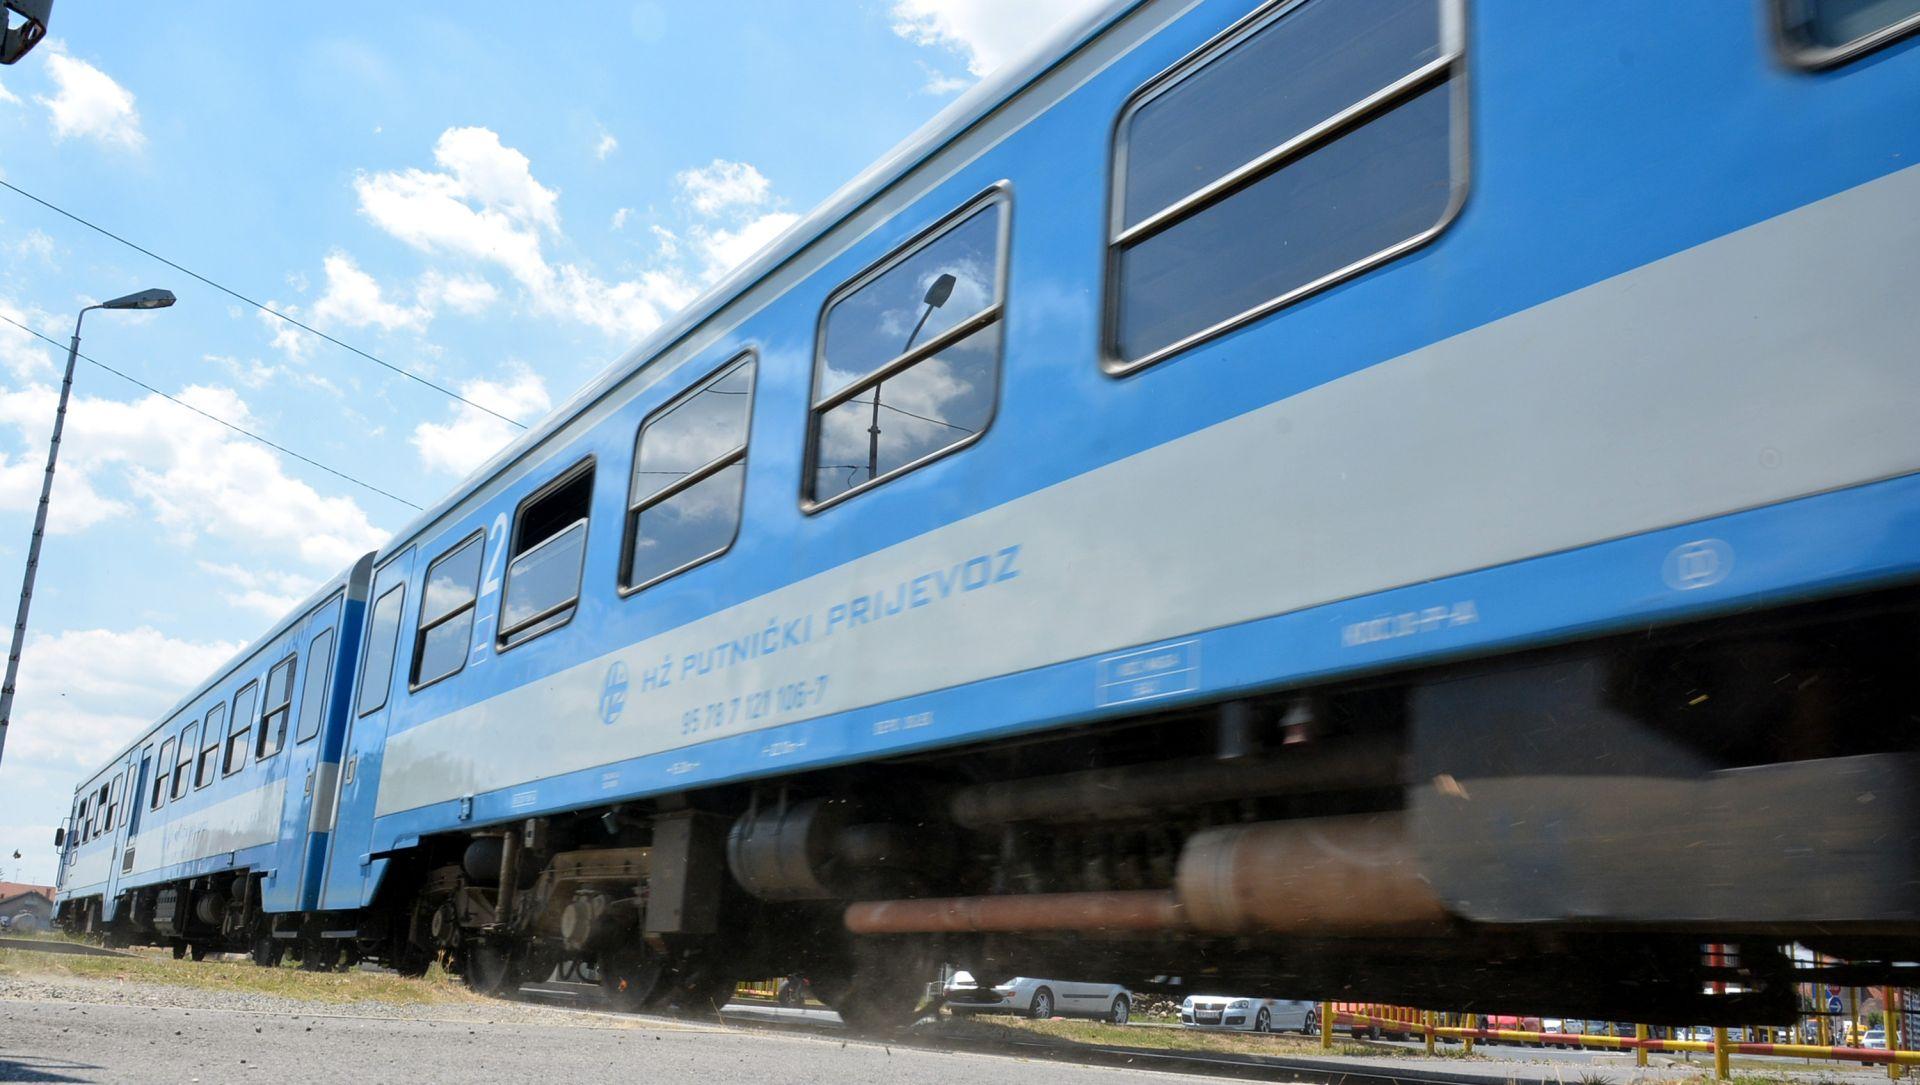 PUTUJ SELMA… Karlovčanin gurnuo glavu kroz prozor jurećeg vlaka, udario u stup i slomio lubanju